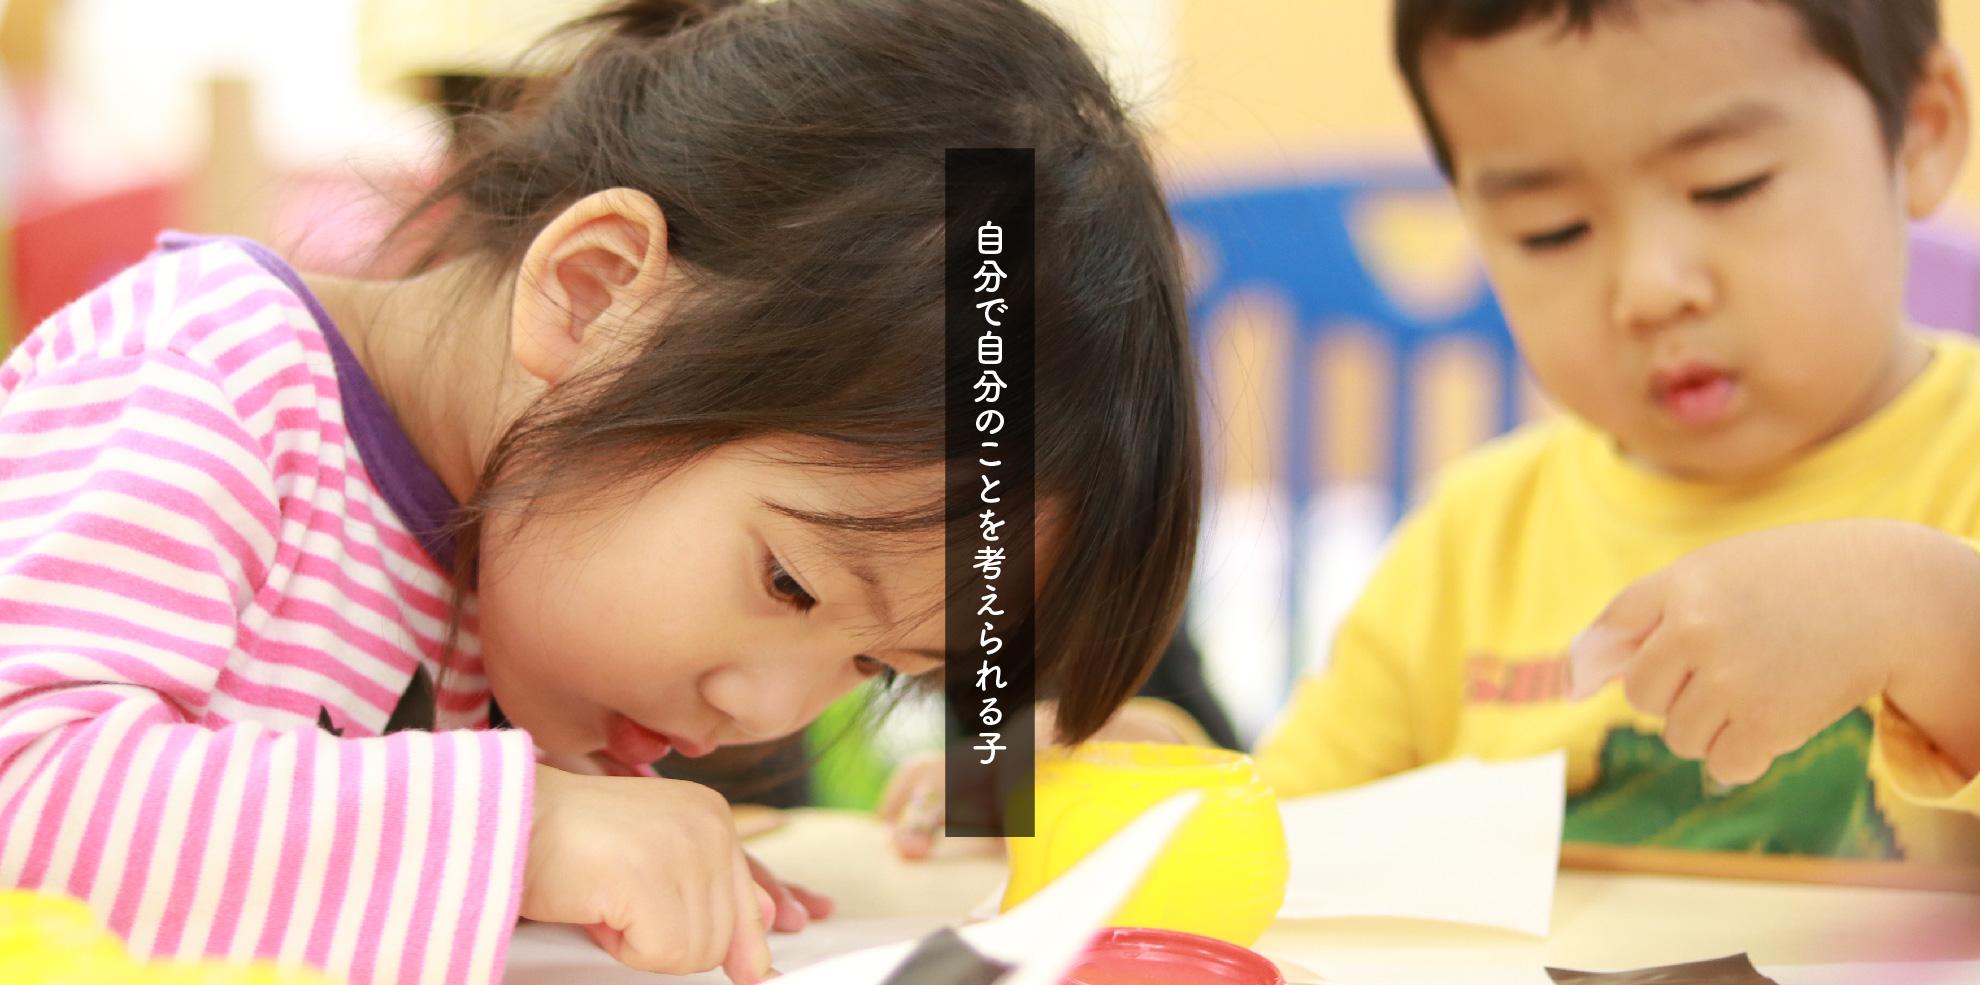 4月開園 企業主導型保育所 横浜楠木町園/菊名 園児募集中!